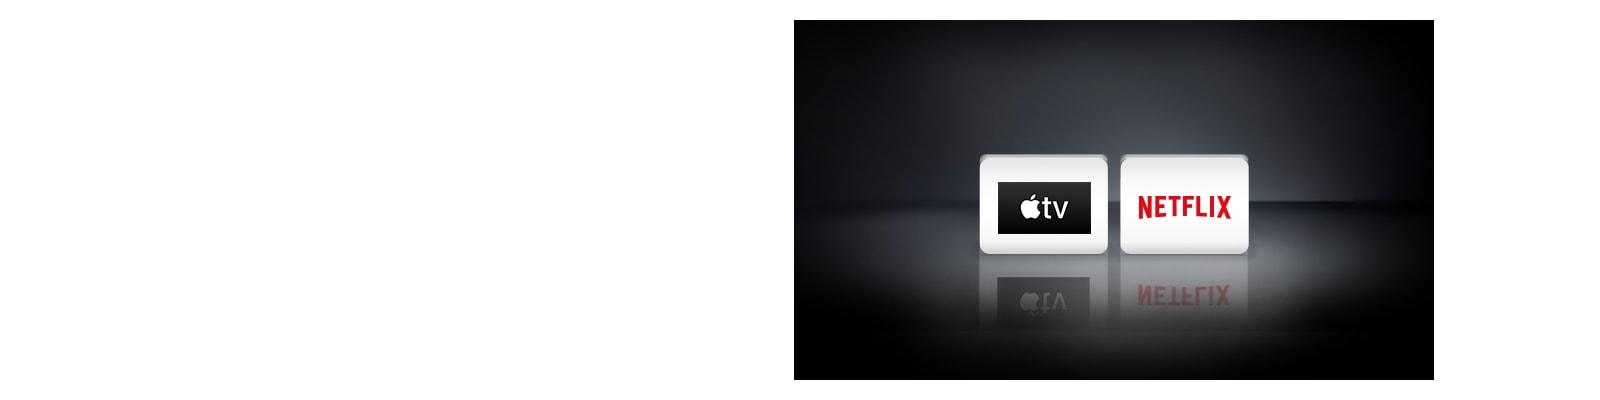 Απεικονίζονται τα λογότυπα Netflix, Apple TV σε οριζόντια διάταξη, σε μαύρο φόντο.